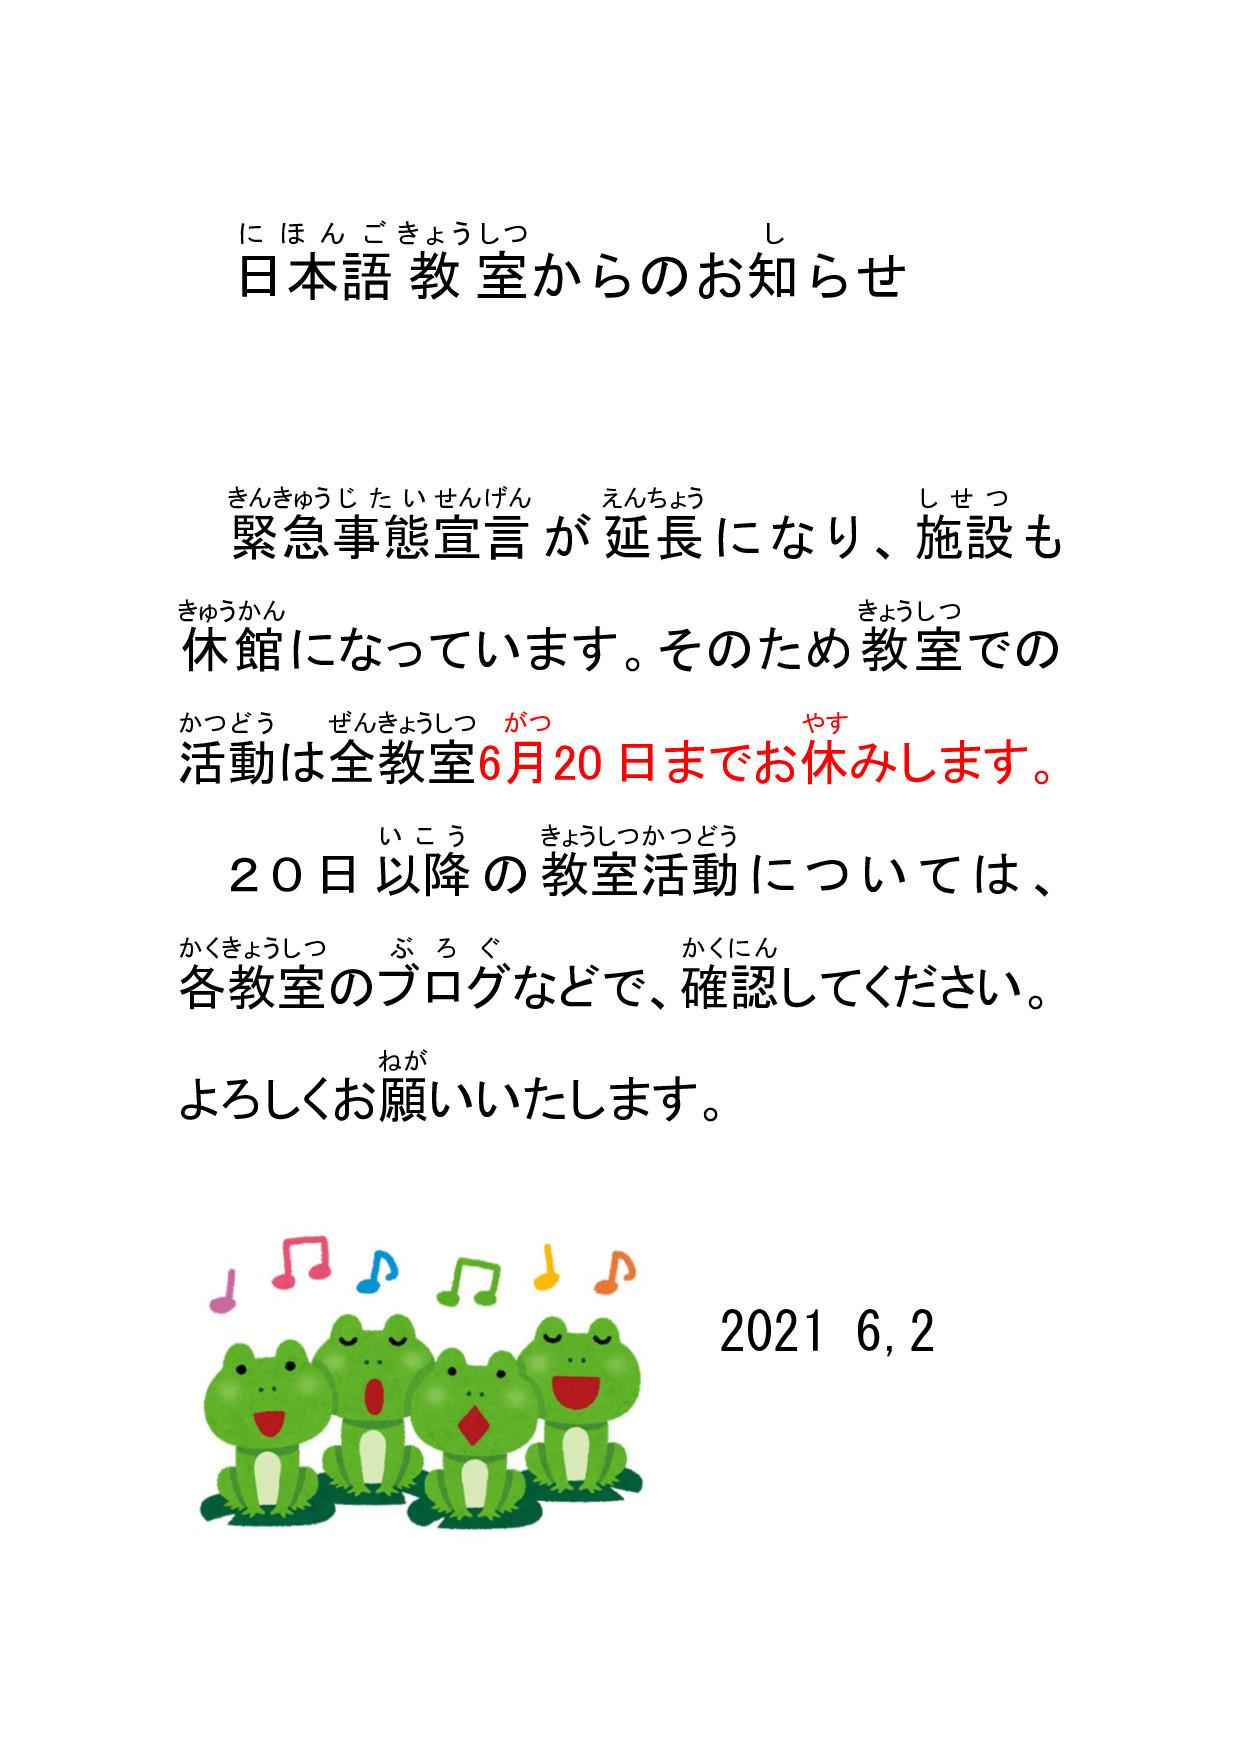 日本語教室お休み 延長のお知らせ_e0175020_17465632.jpg